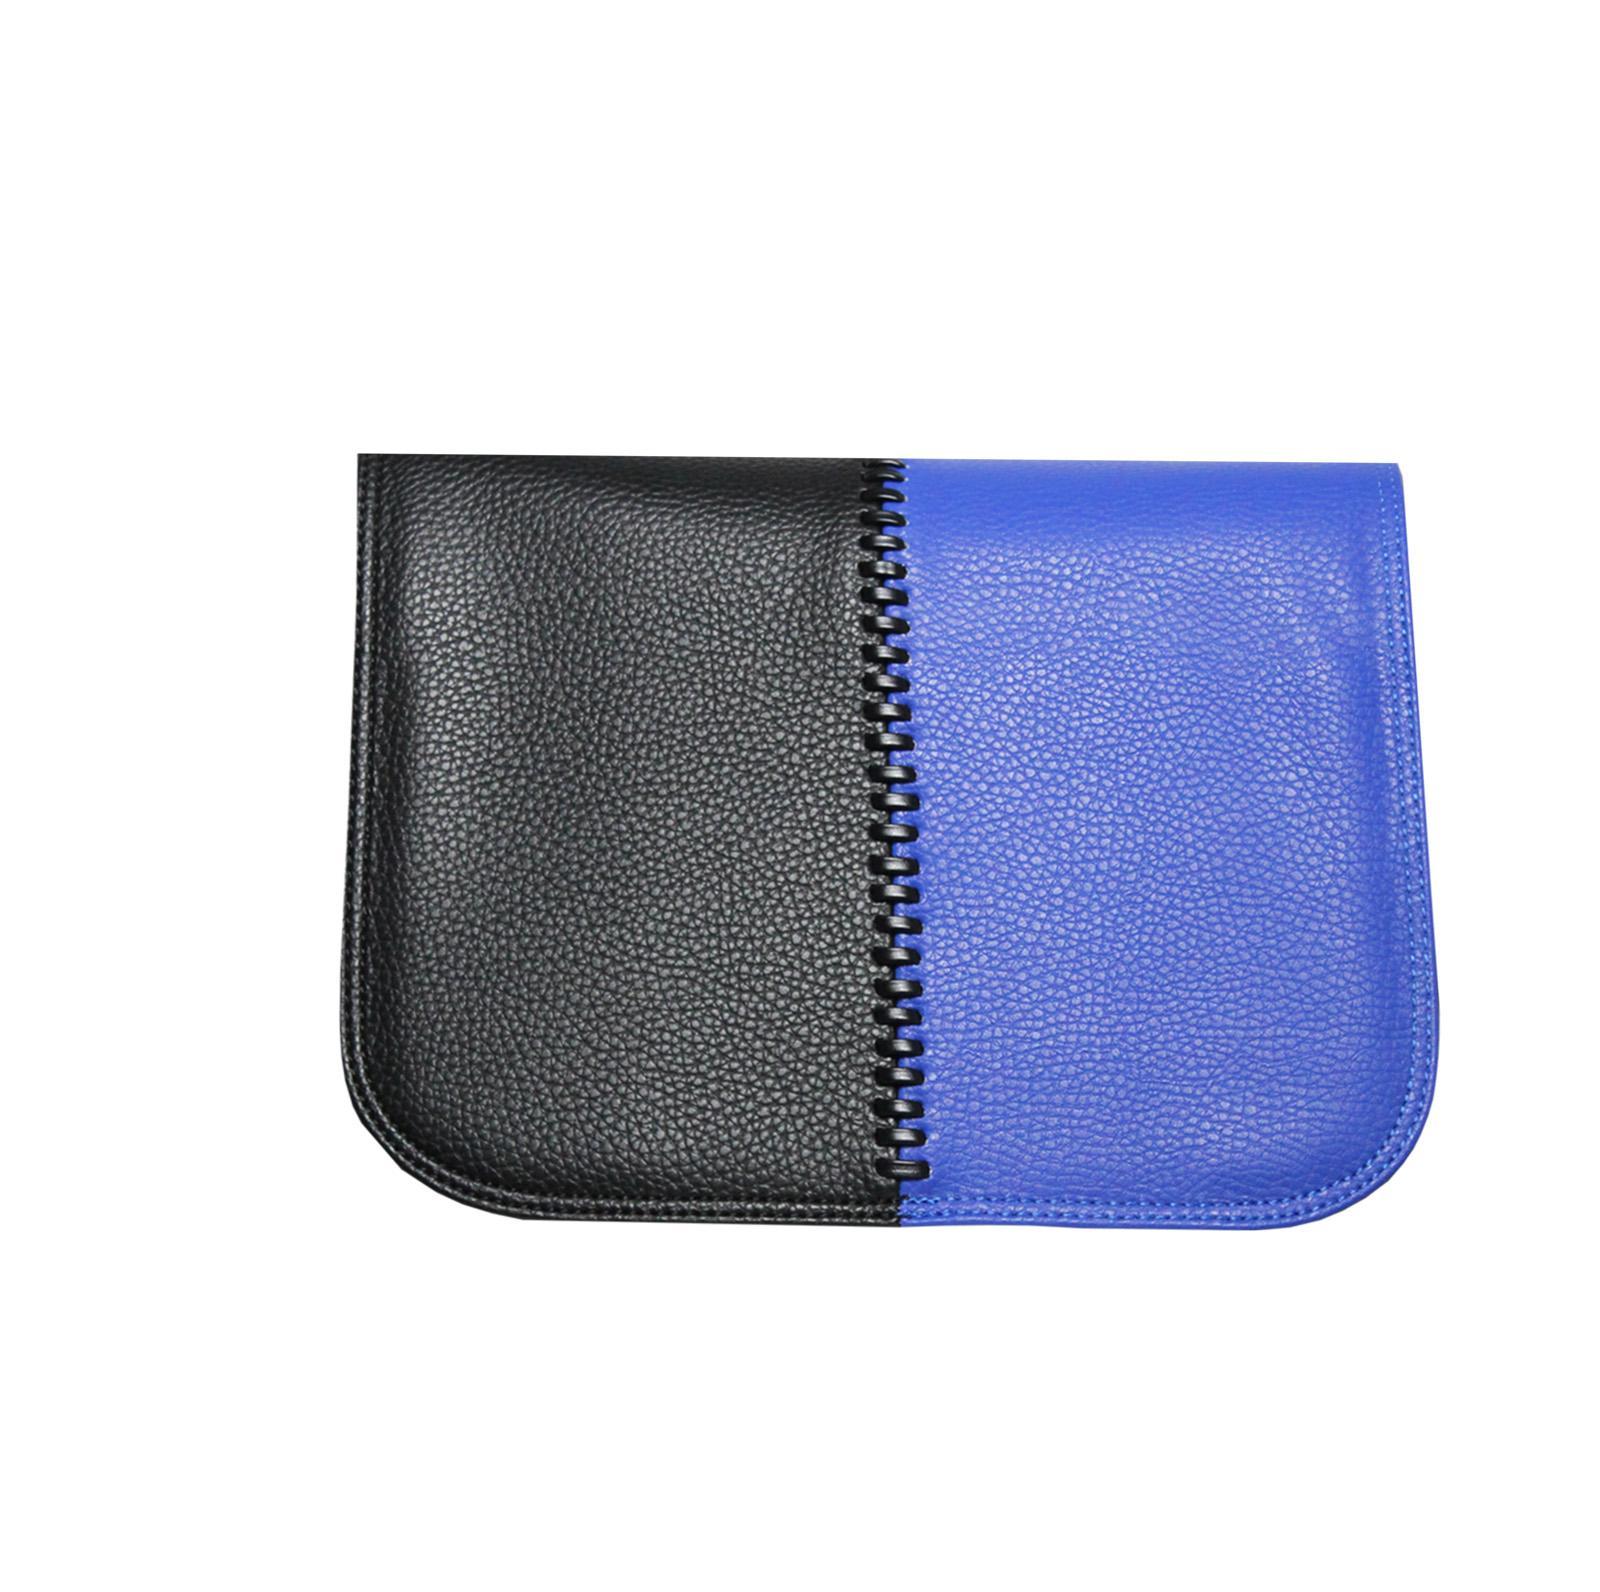 schwarz blaues Design für die soft Handtasche von Delieta